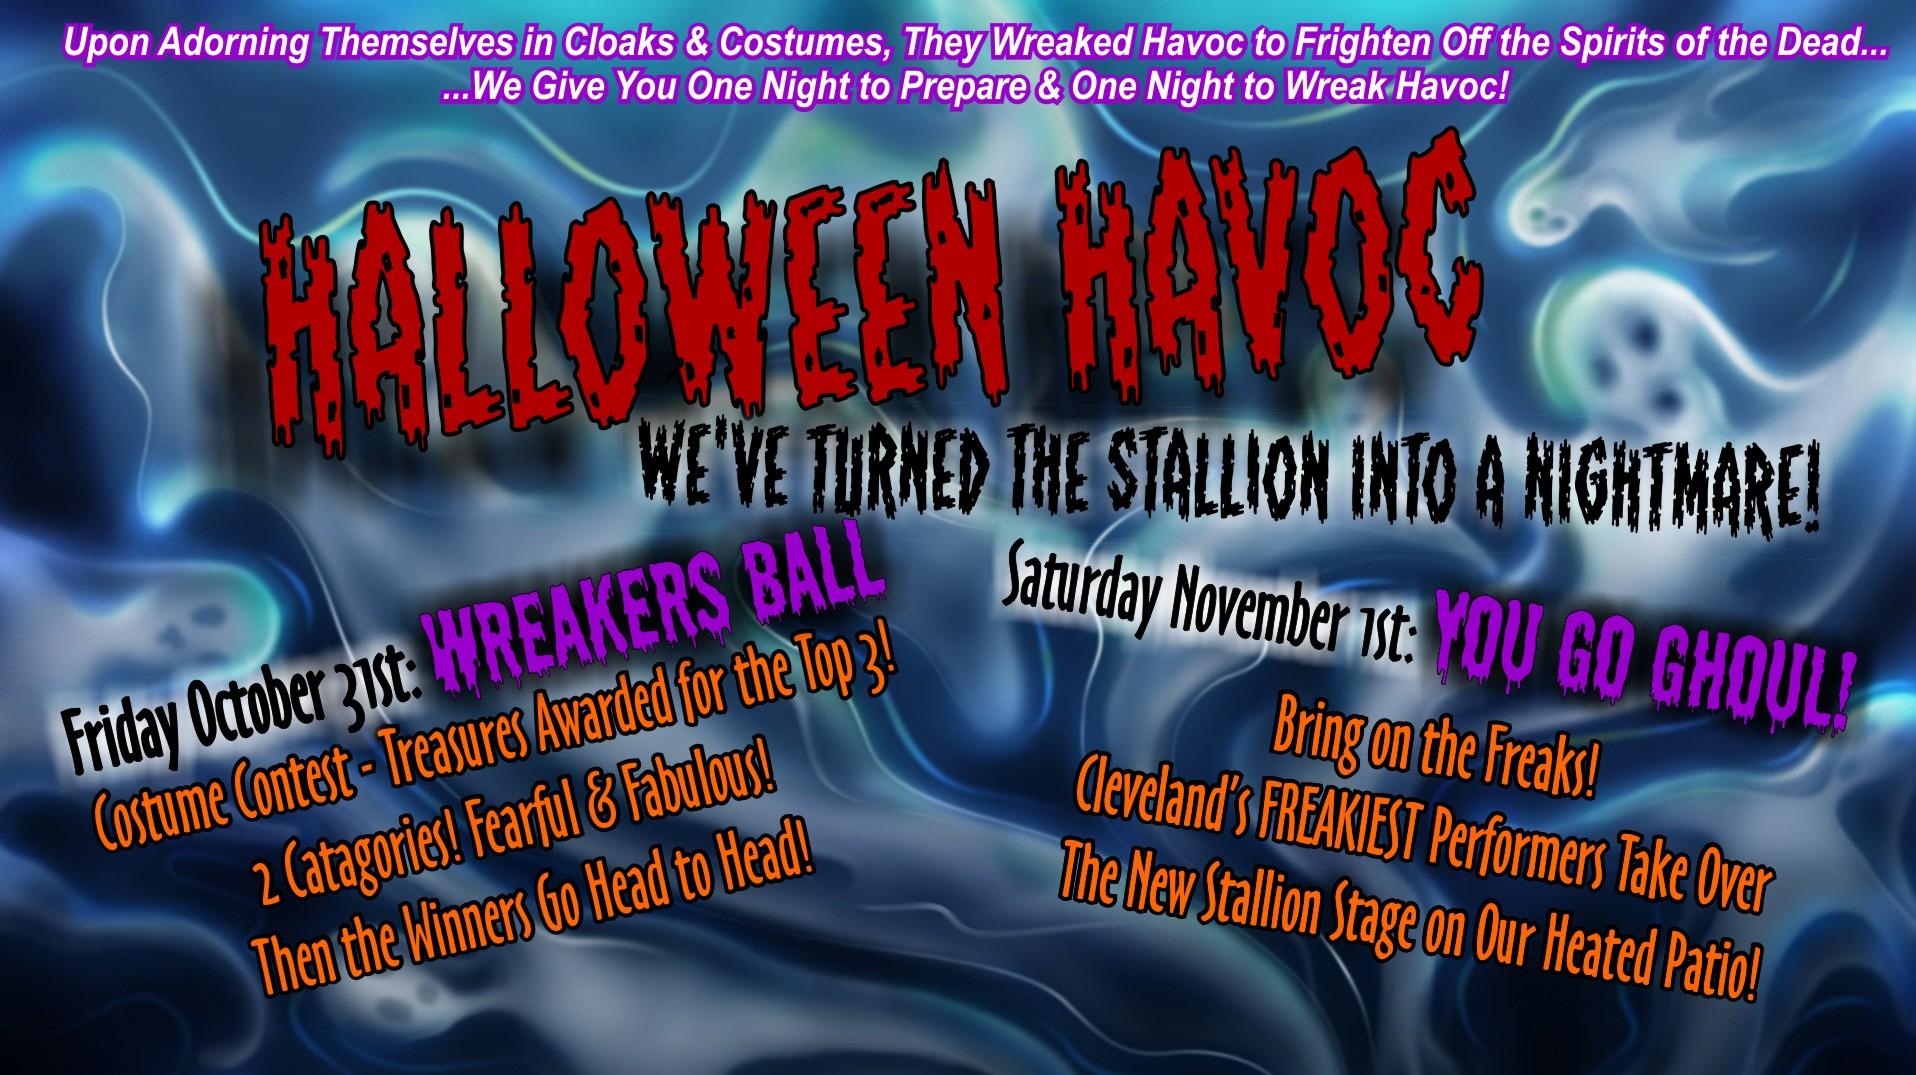 Halloween Havoc - Wreakers Ball